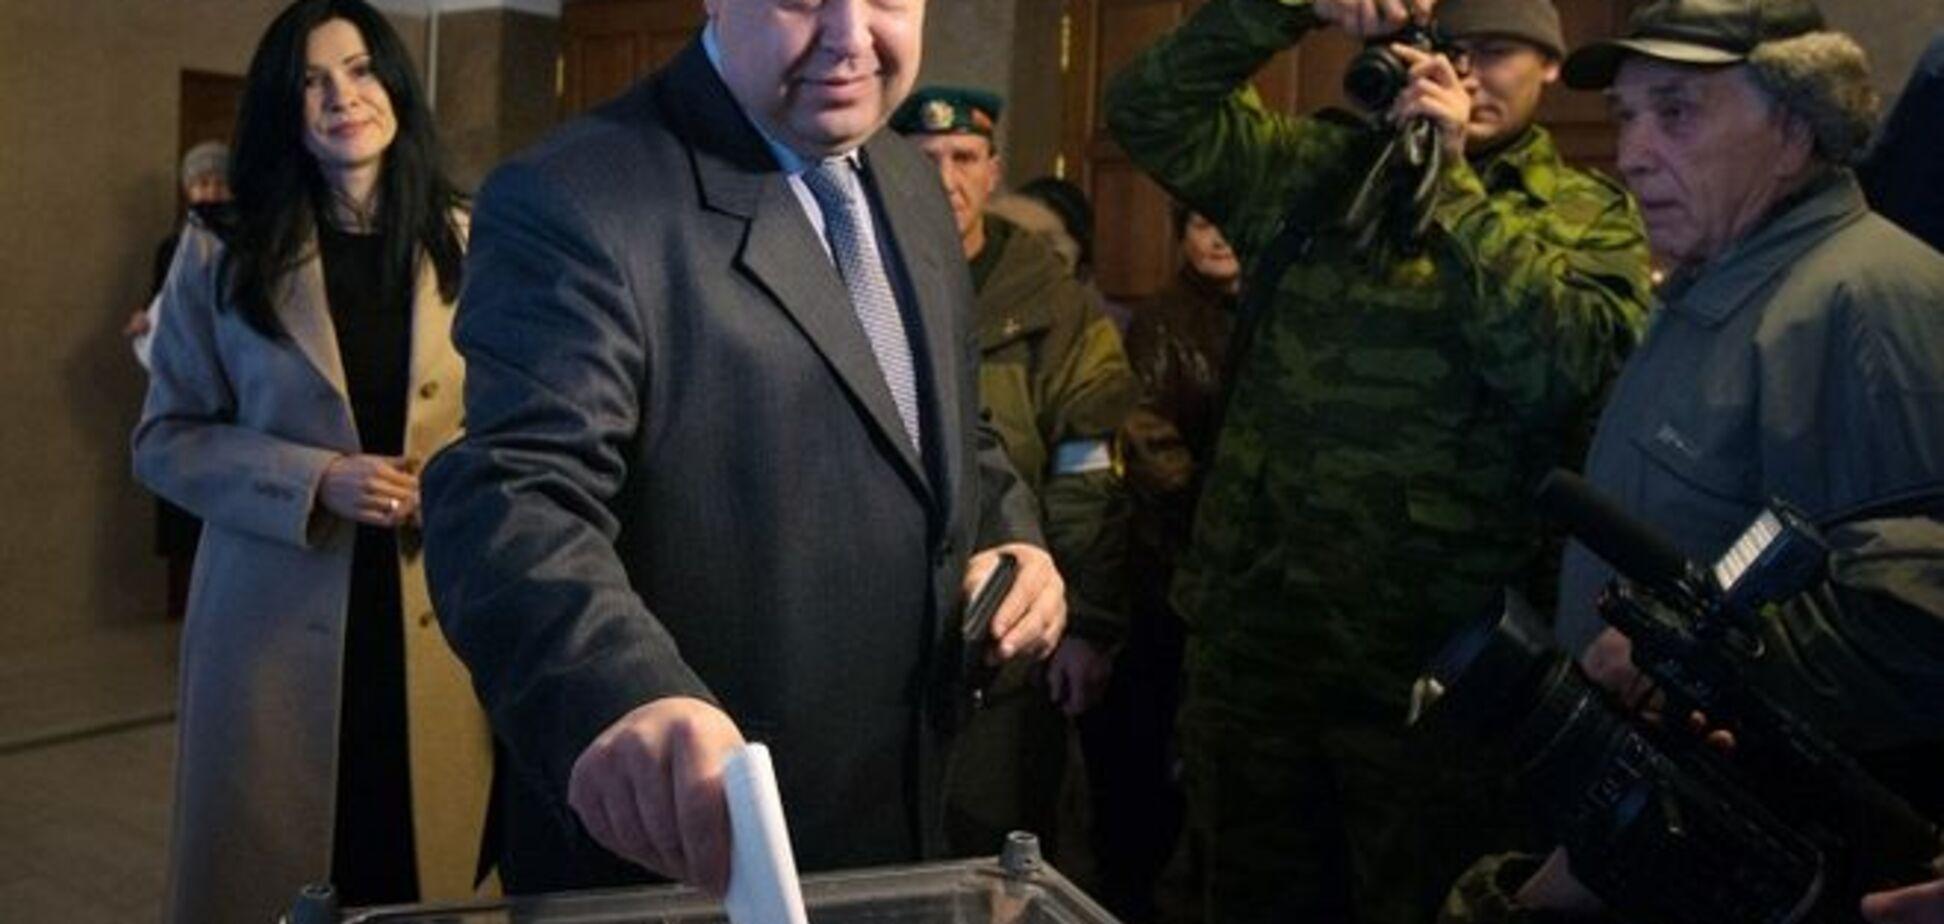 Ватажок 'ЛНР' виділить 100 тис. грн на зоопарк в голодуючому Луганську